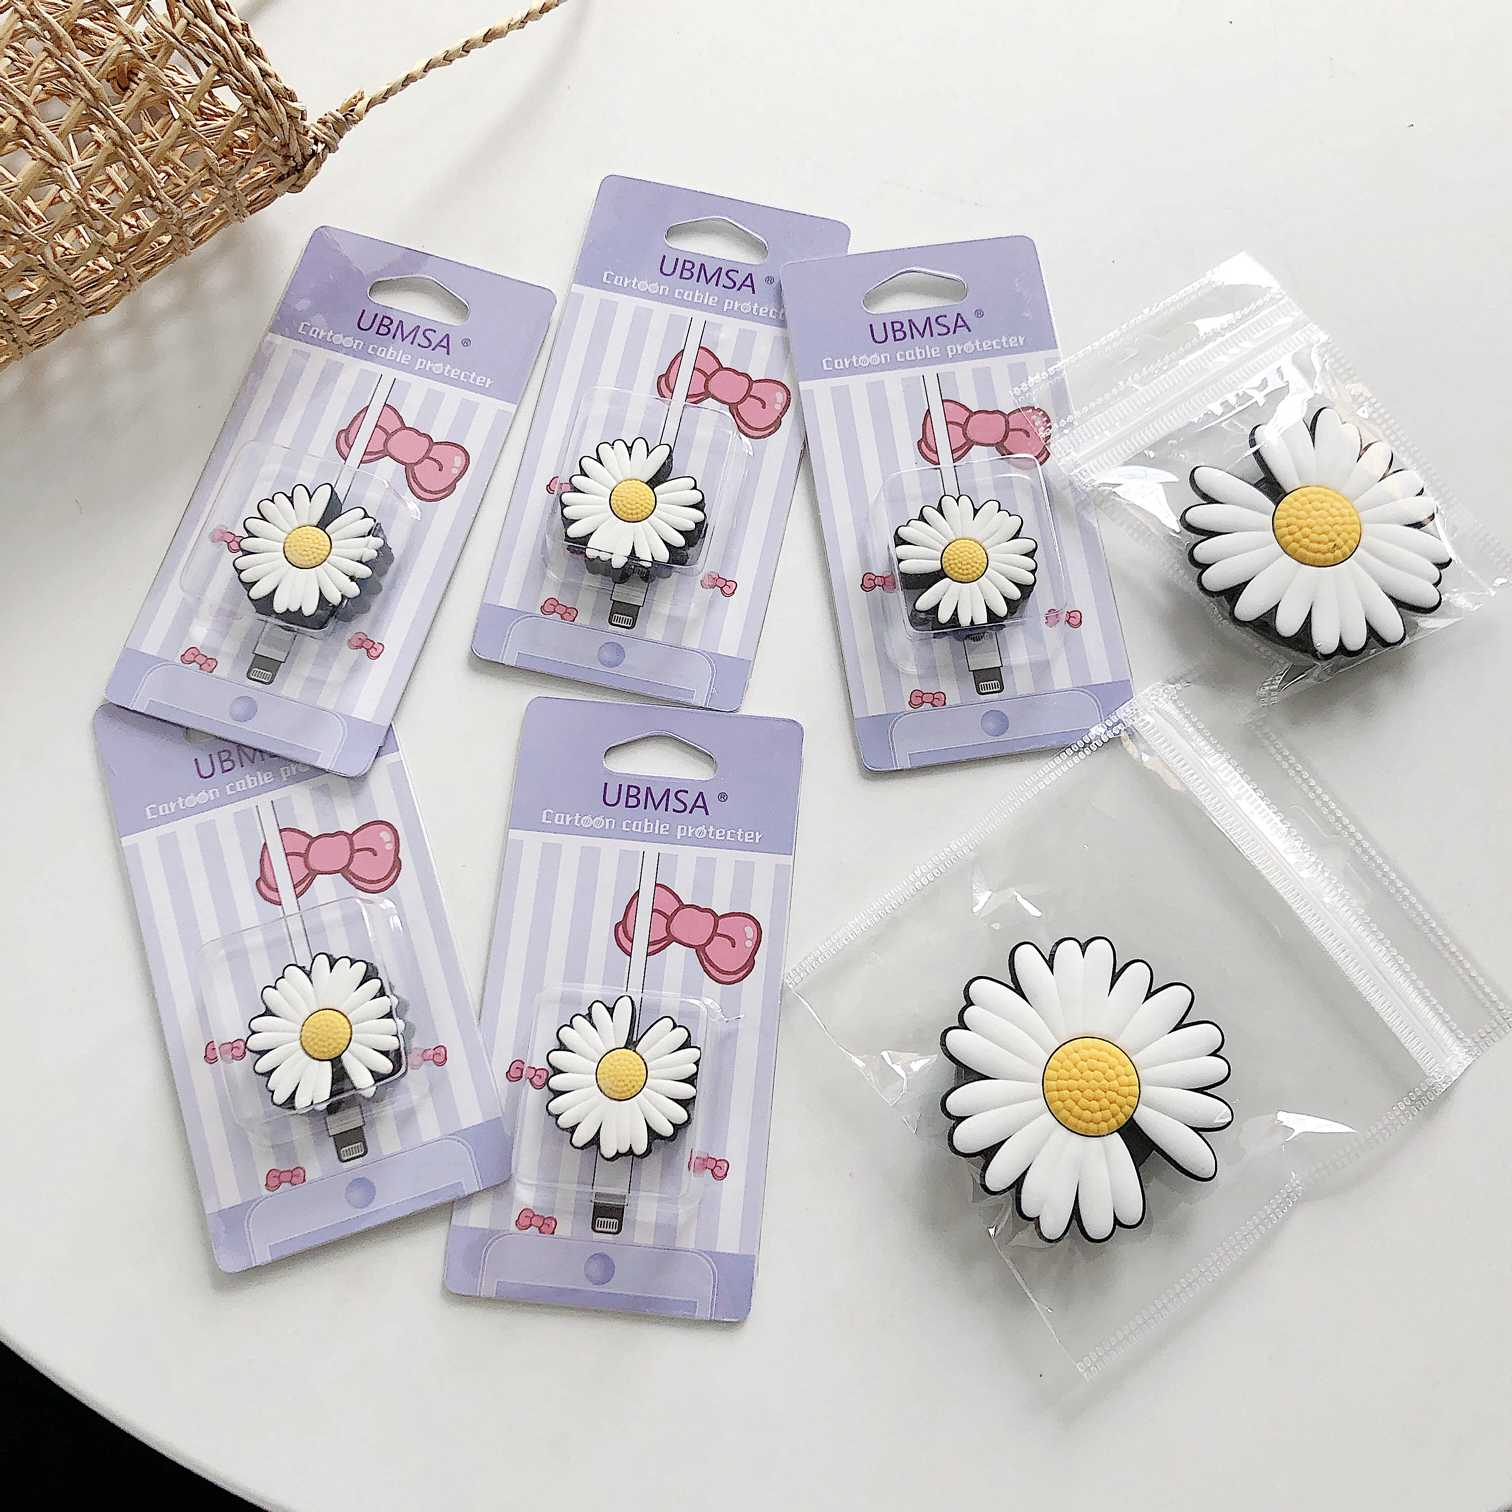 2Pcs-Korean Daisy Flower USB Wire Cover+Folding Finger Ring Holder Universal Mobile Phone Stand Grip Phone Expanding Holder